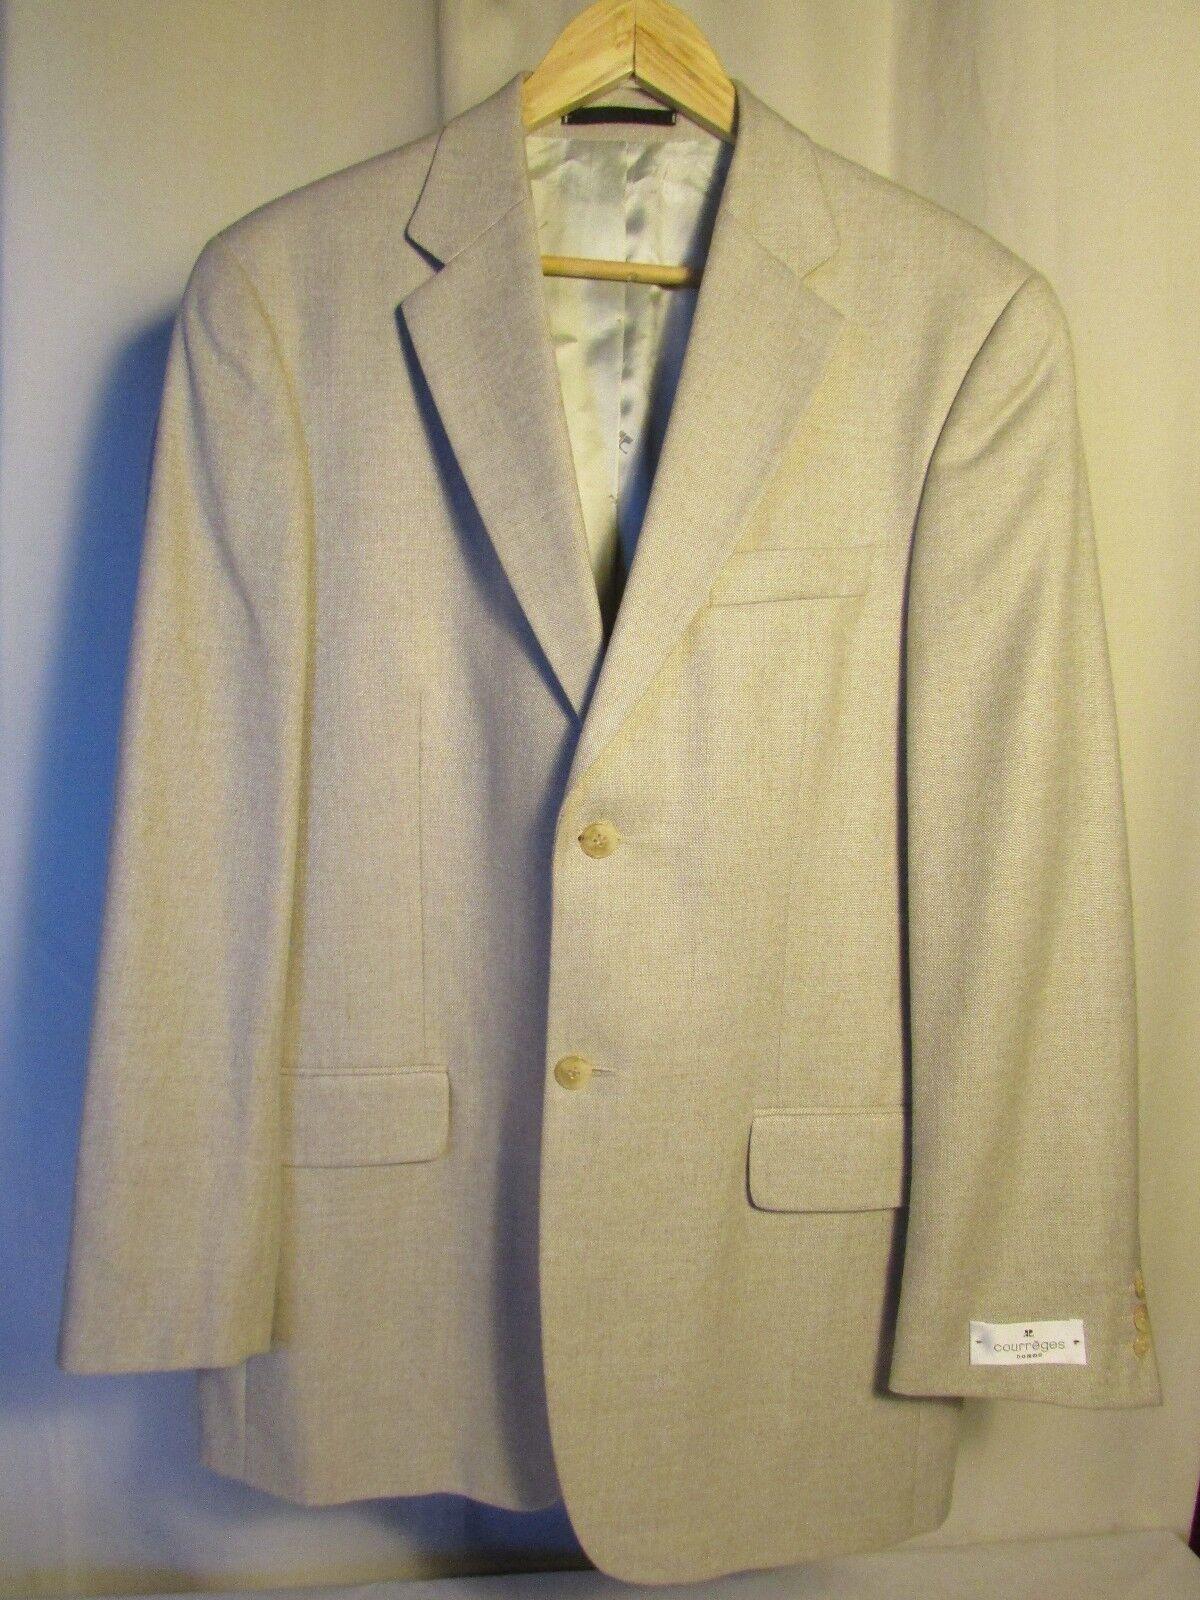 Veste blazer COURREGES color ficelle 52